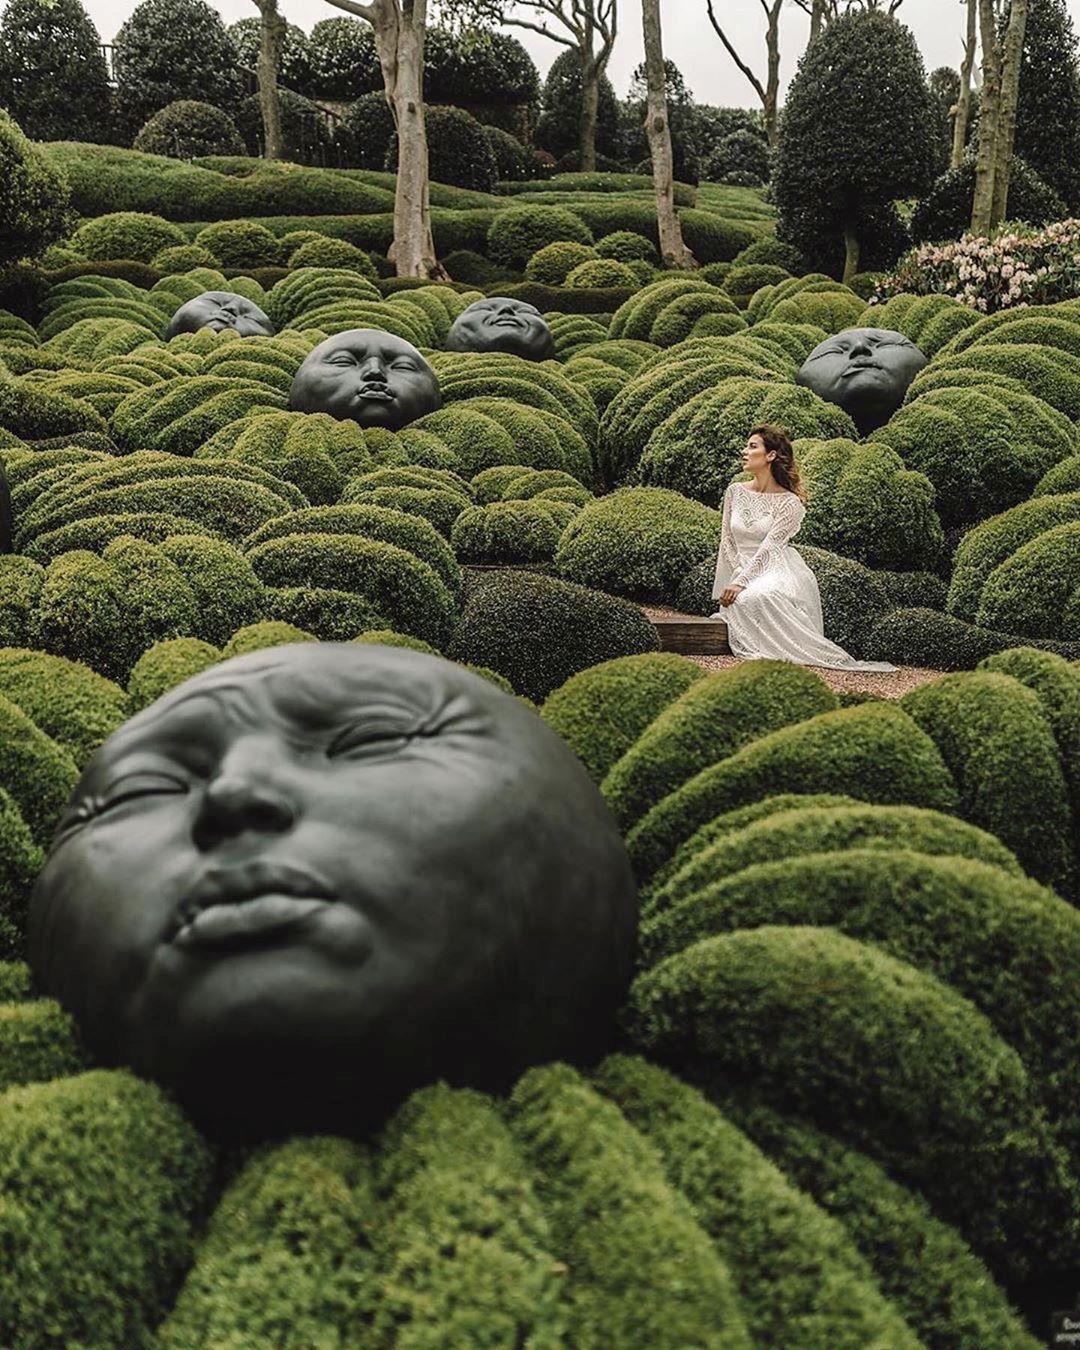 Khu vườn kỳ dị hút khách nhờ những viên đá mặt người khổng lồ Ảnh 5